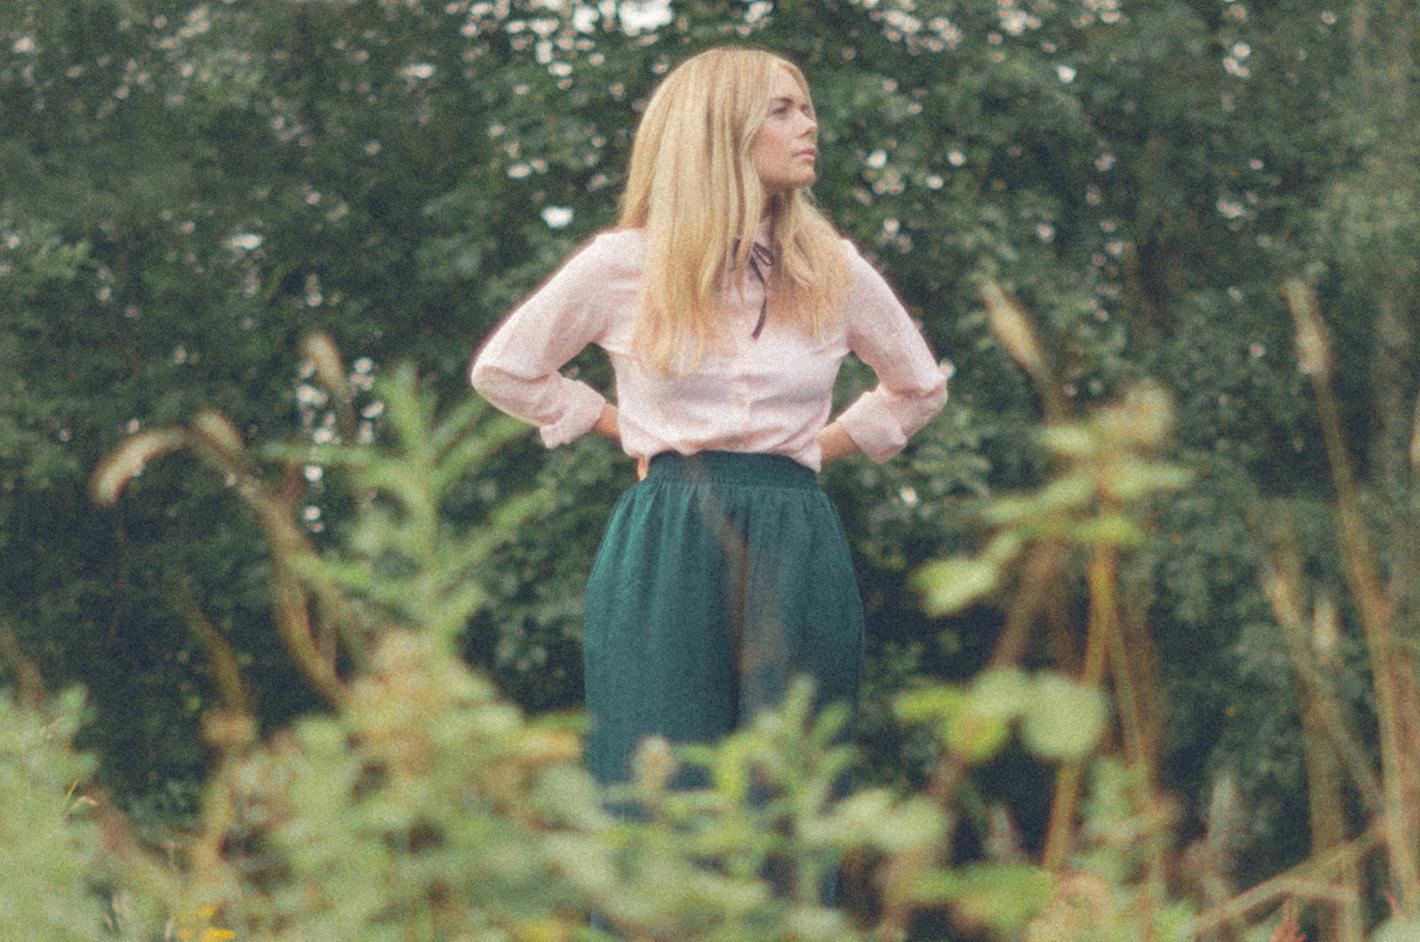 Chloe Foy / Jessie Reid